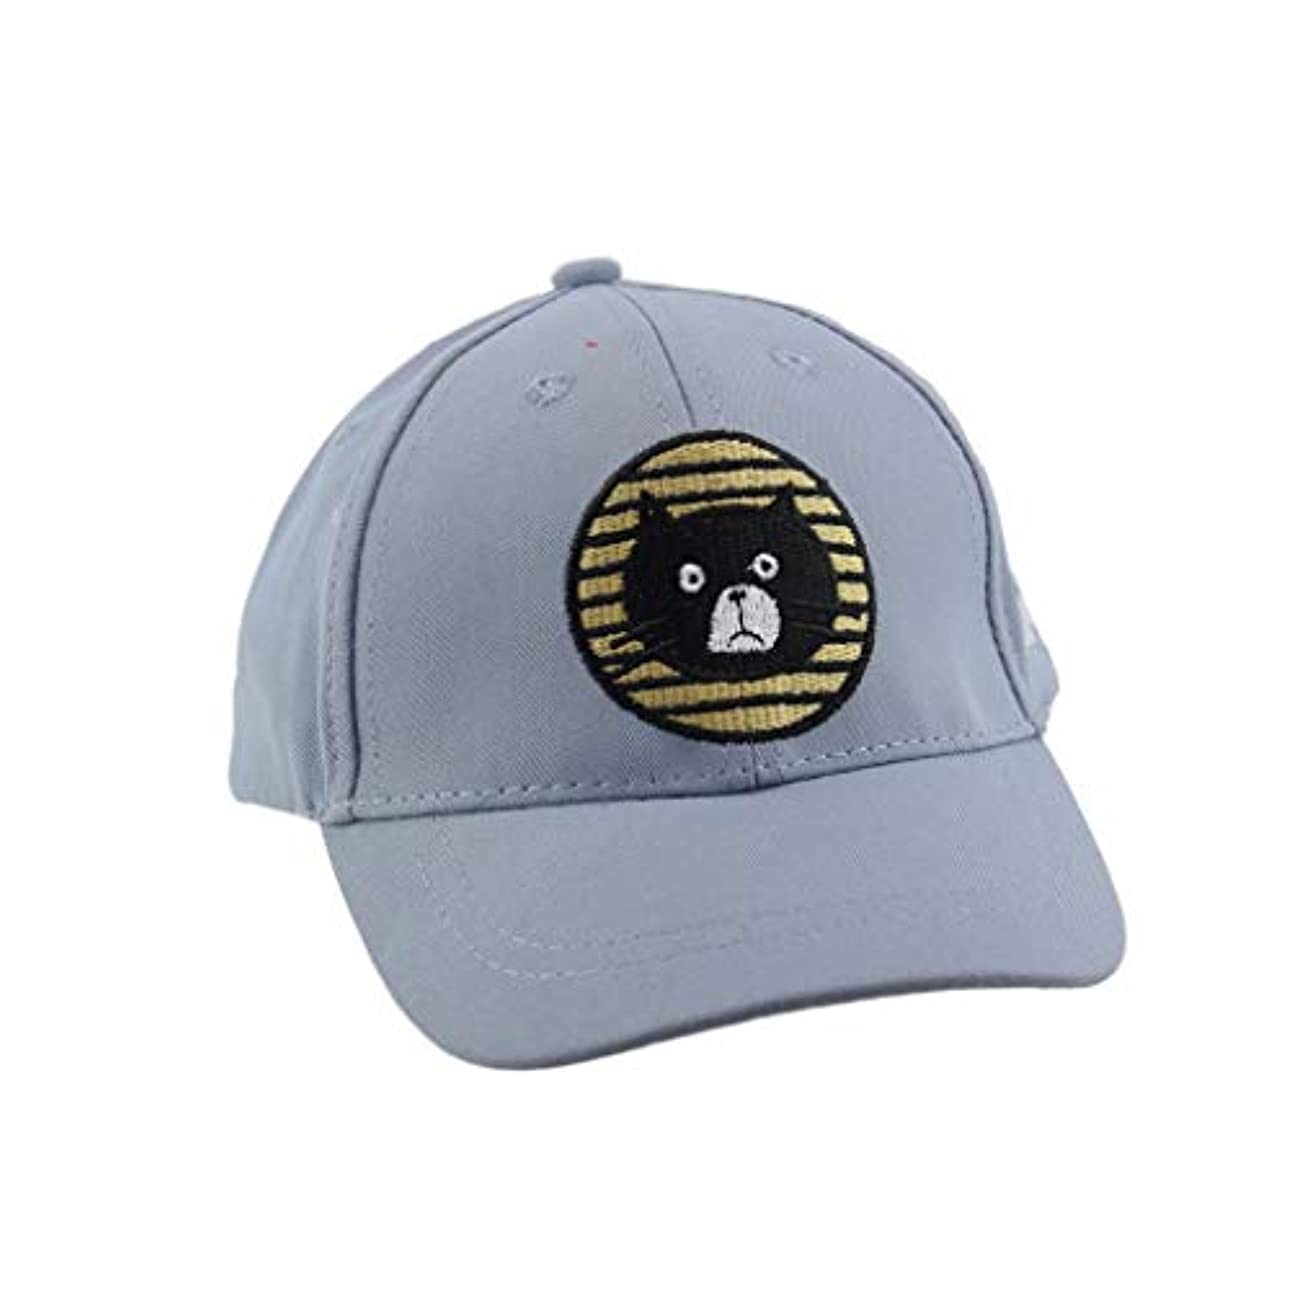 挨拶するアドバイスアンソロジーKaiweini 春夏新しい漁夫帽子供しゃれ ベビー帽 通気性抜群 日除け UVカット 紫外線対策スポーツ帽子男女兼用 速乾 軽薄 日よけ野球帽